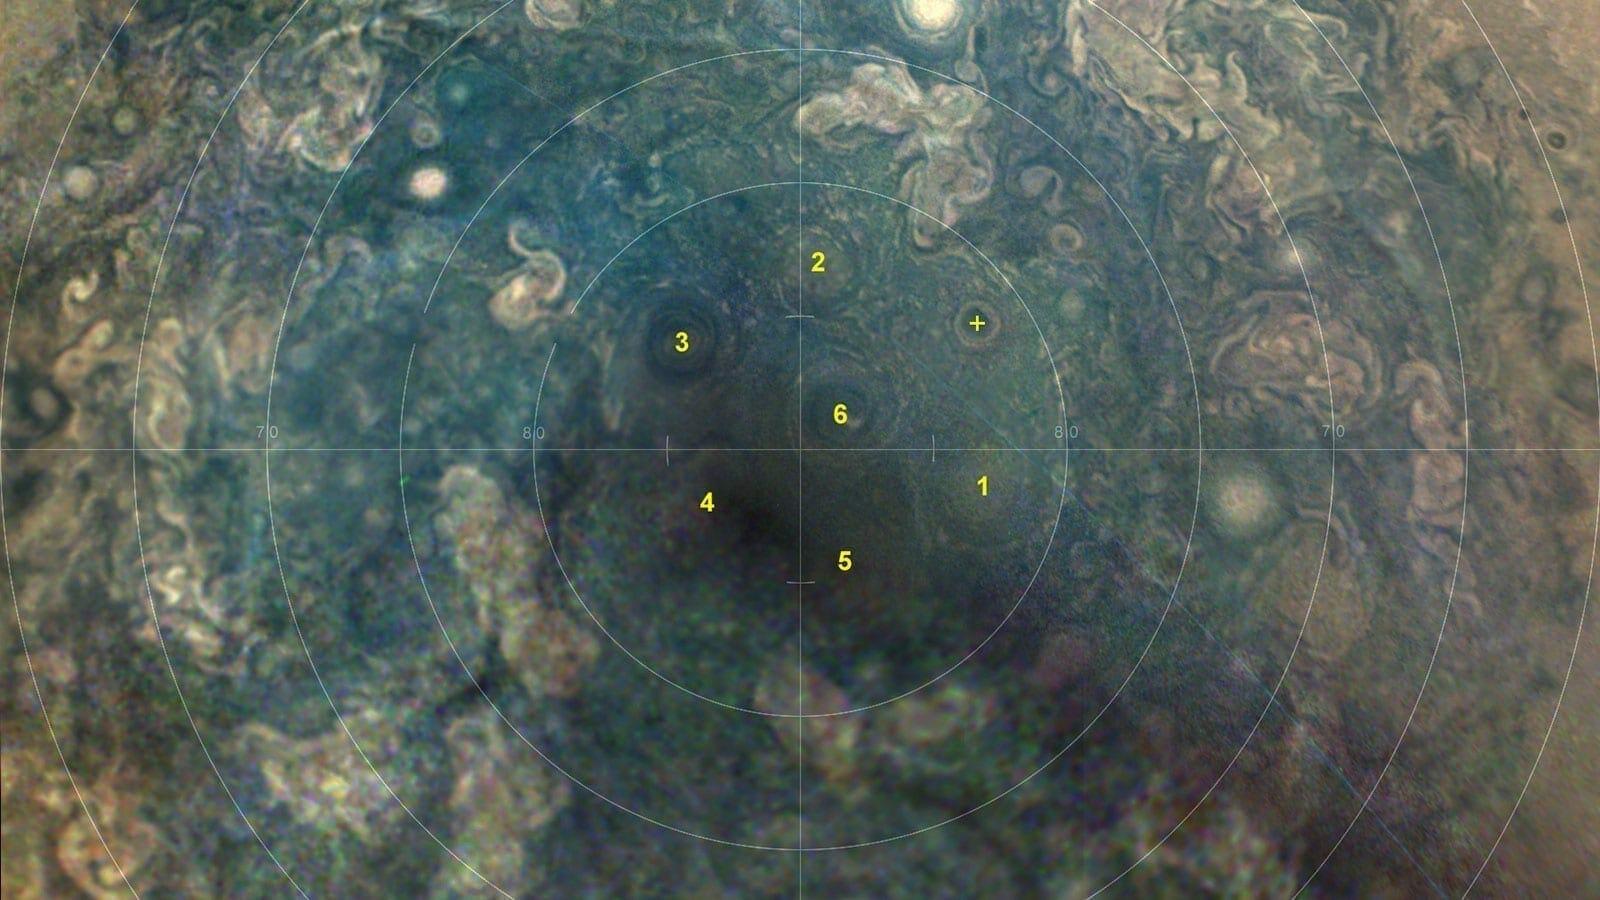 Esta imagen compuesta de luz visible tomada por la cámara JunoCam a bordo de la nave espacial Juno de la NASA el 3 de Noviembre de 2019, muestra que un nuevo ciclón en el polo sur de Júpiter se ha unido a otros cinco ciclones para crear una forma hexagonal alrededor de un gran ciclón único. Créditos: NASA/JPL-Caltech/SwRI/MSSS/JunoCam